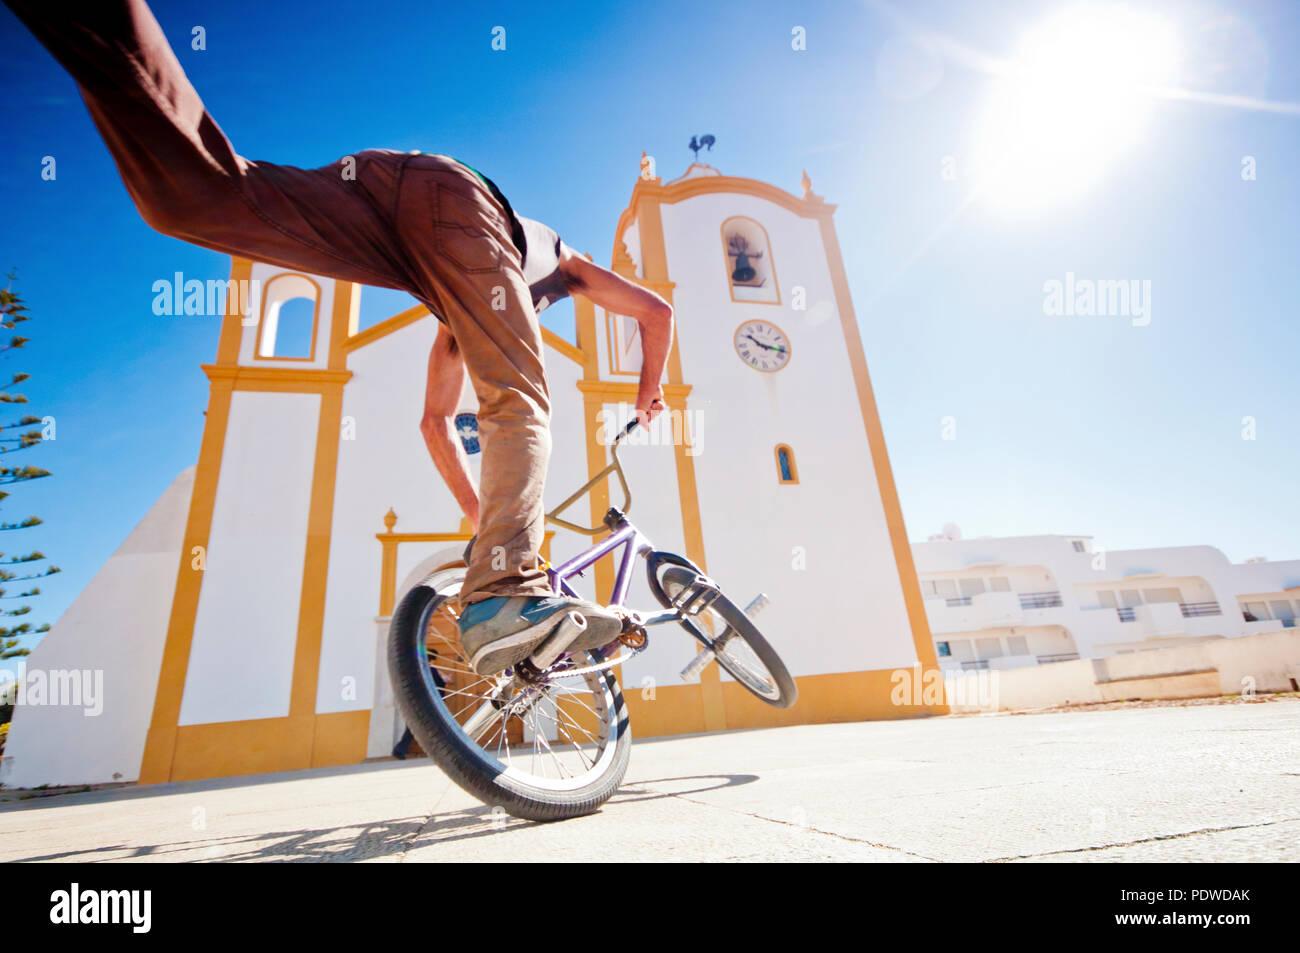 Jeune homme s'amuser faisant des tours avec freestlye bike dans un juré devant une église. contraste entre style classique et moderne de style de vie liées journée ensoleillée. Banque D'Images